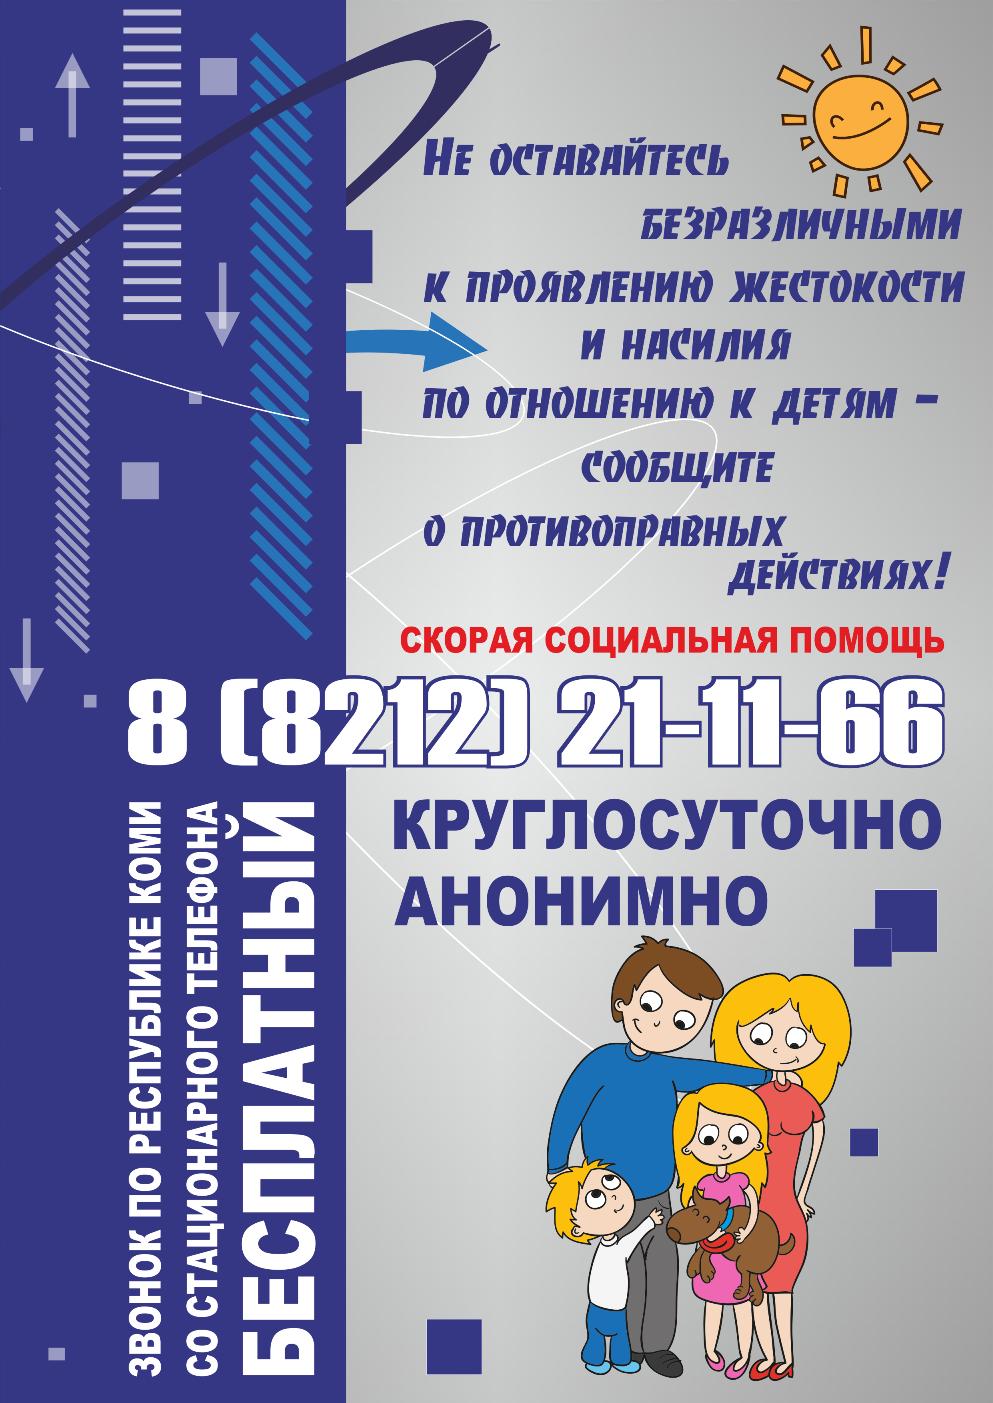 Телефон доверия в Республике Коми»